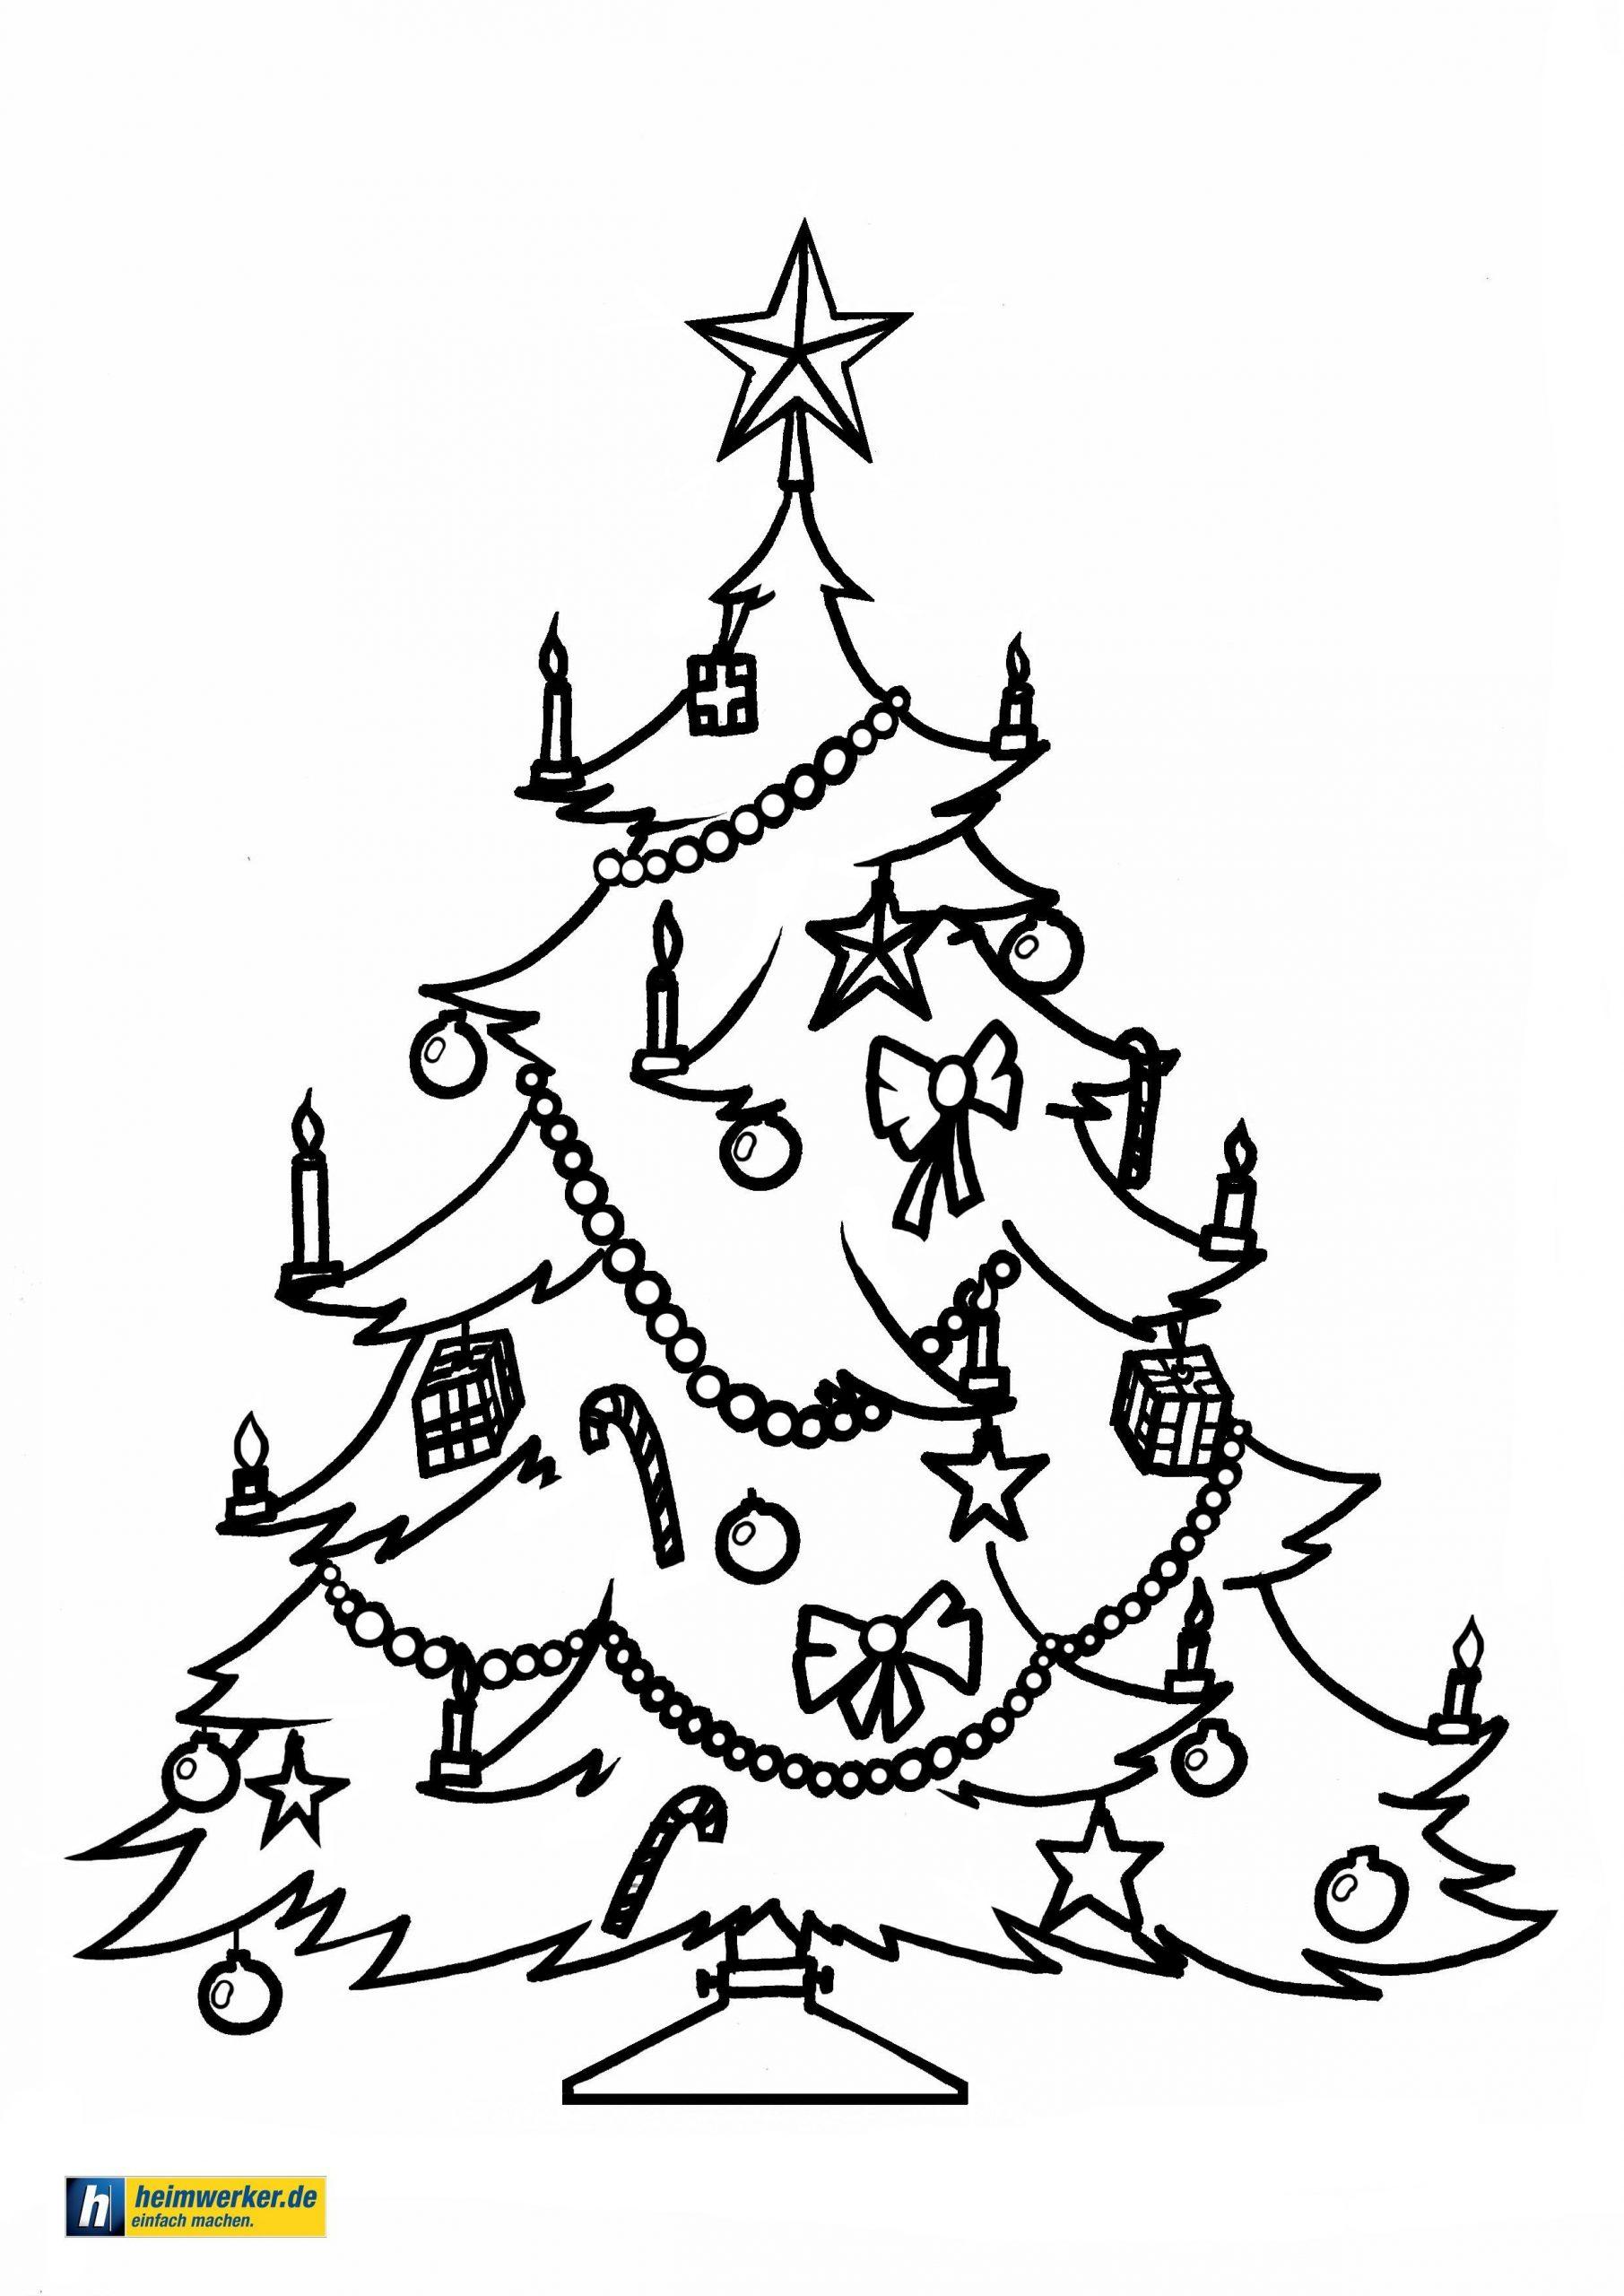 Malvorlagen Weihnachten Und Advent – Kostenlose mit Malvorlagen Weihnachten Kostenlos